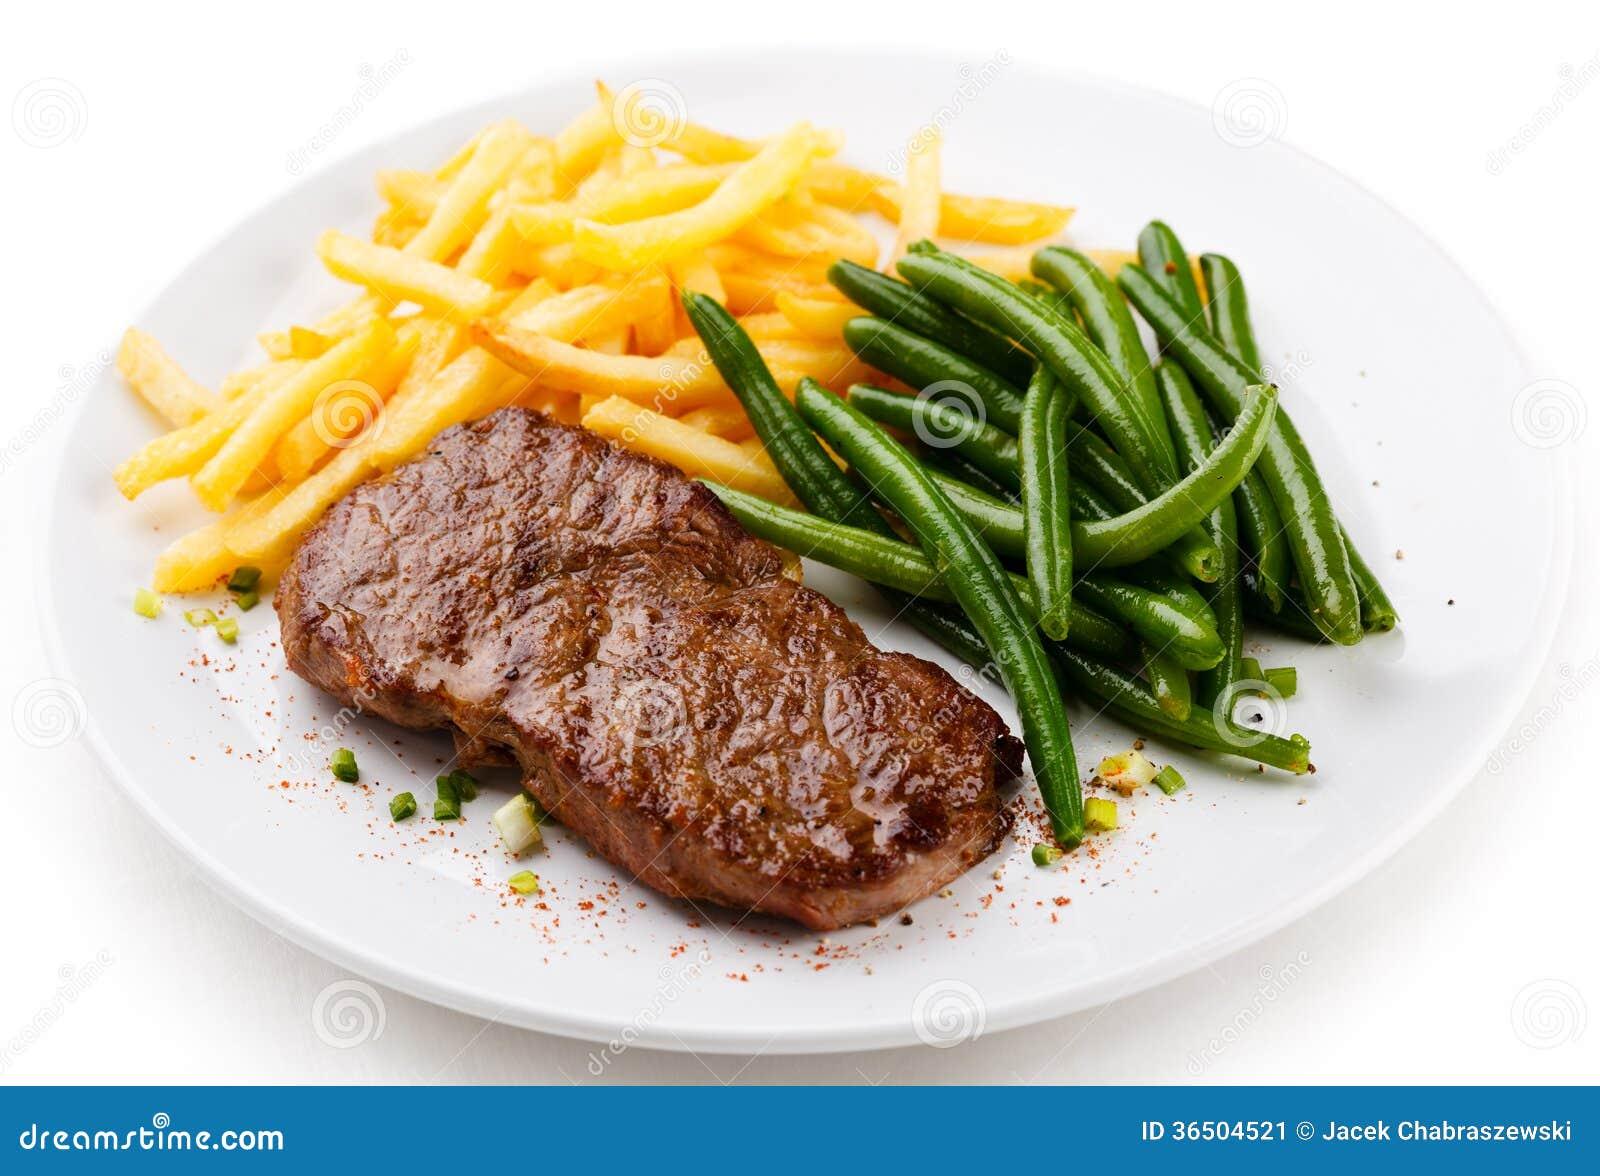 Bifteck grillé, pommes frites et haricots verts